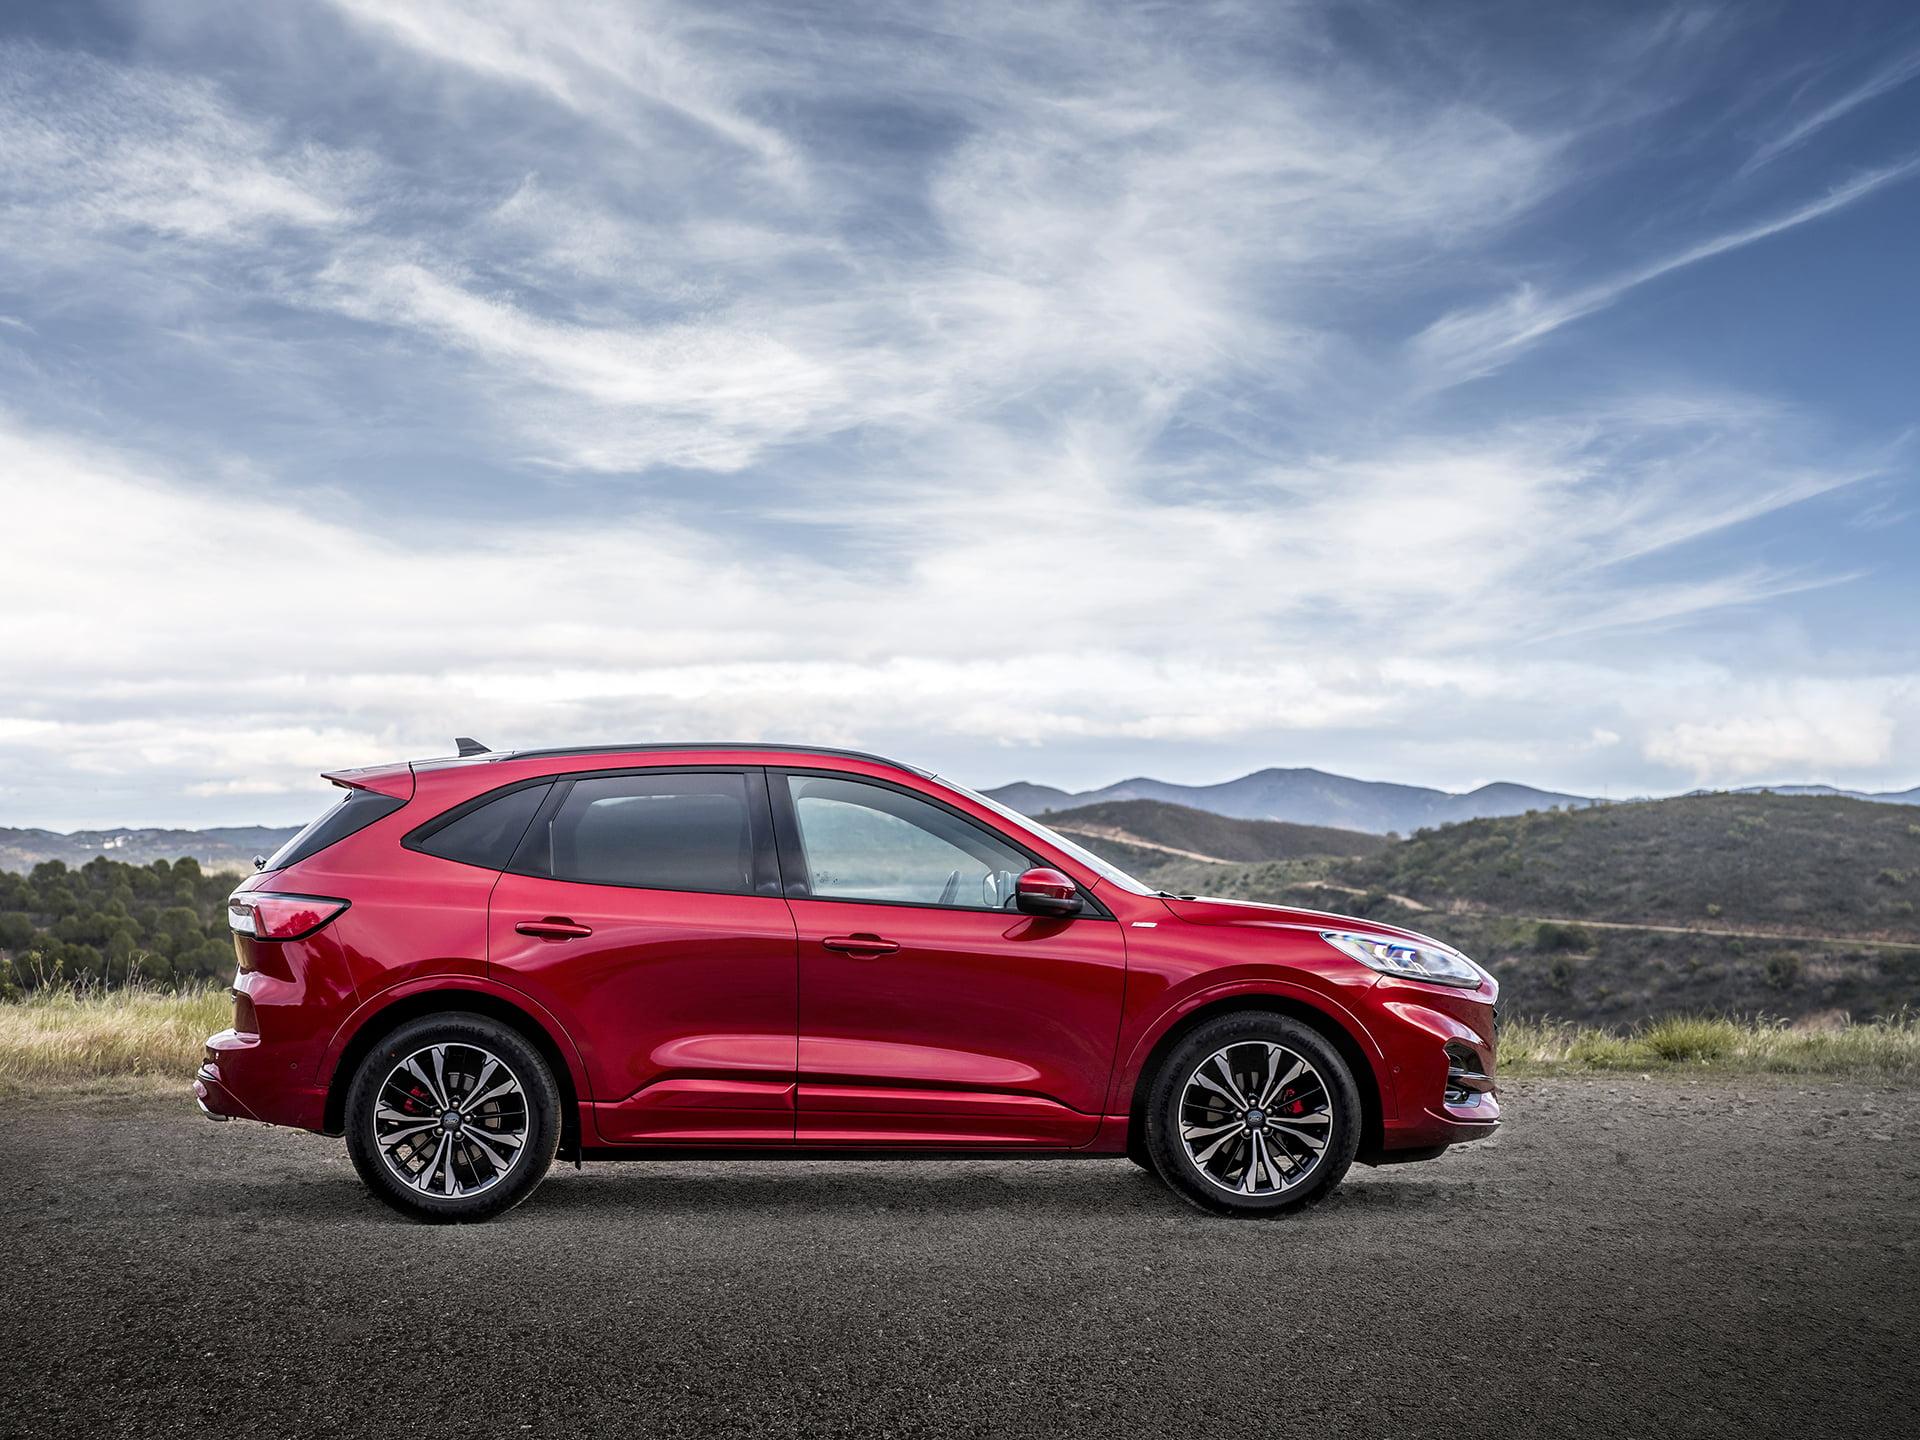 El Ford Kuga FHEV es una interesante opción para los que quieran un SUV polivalente.